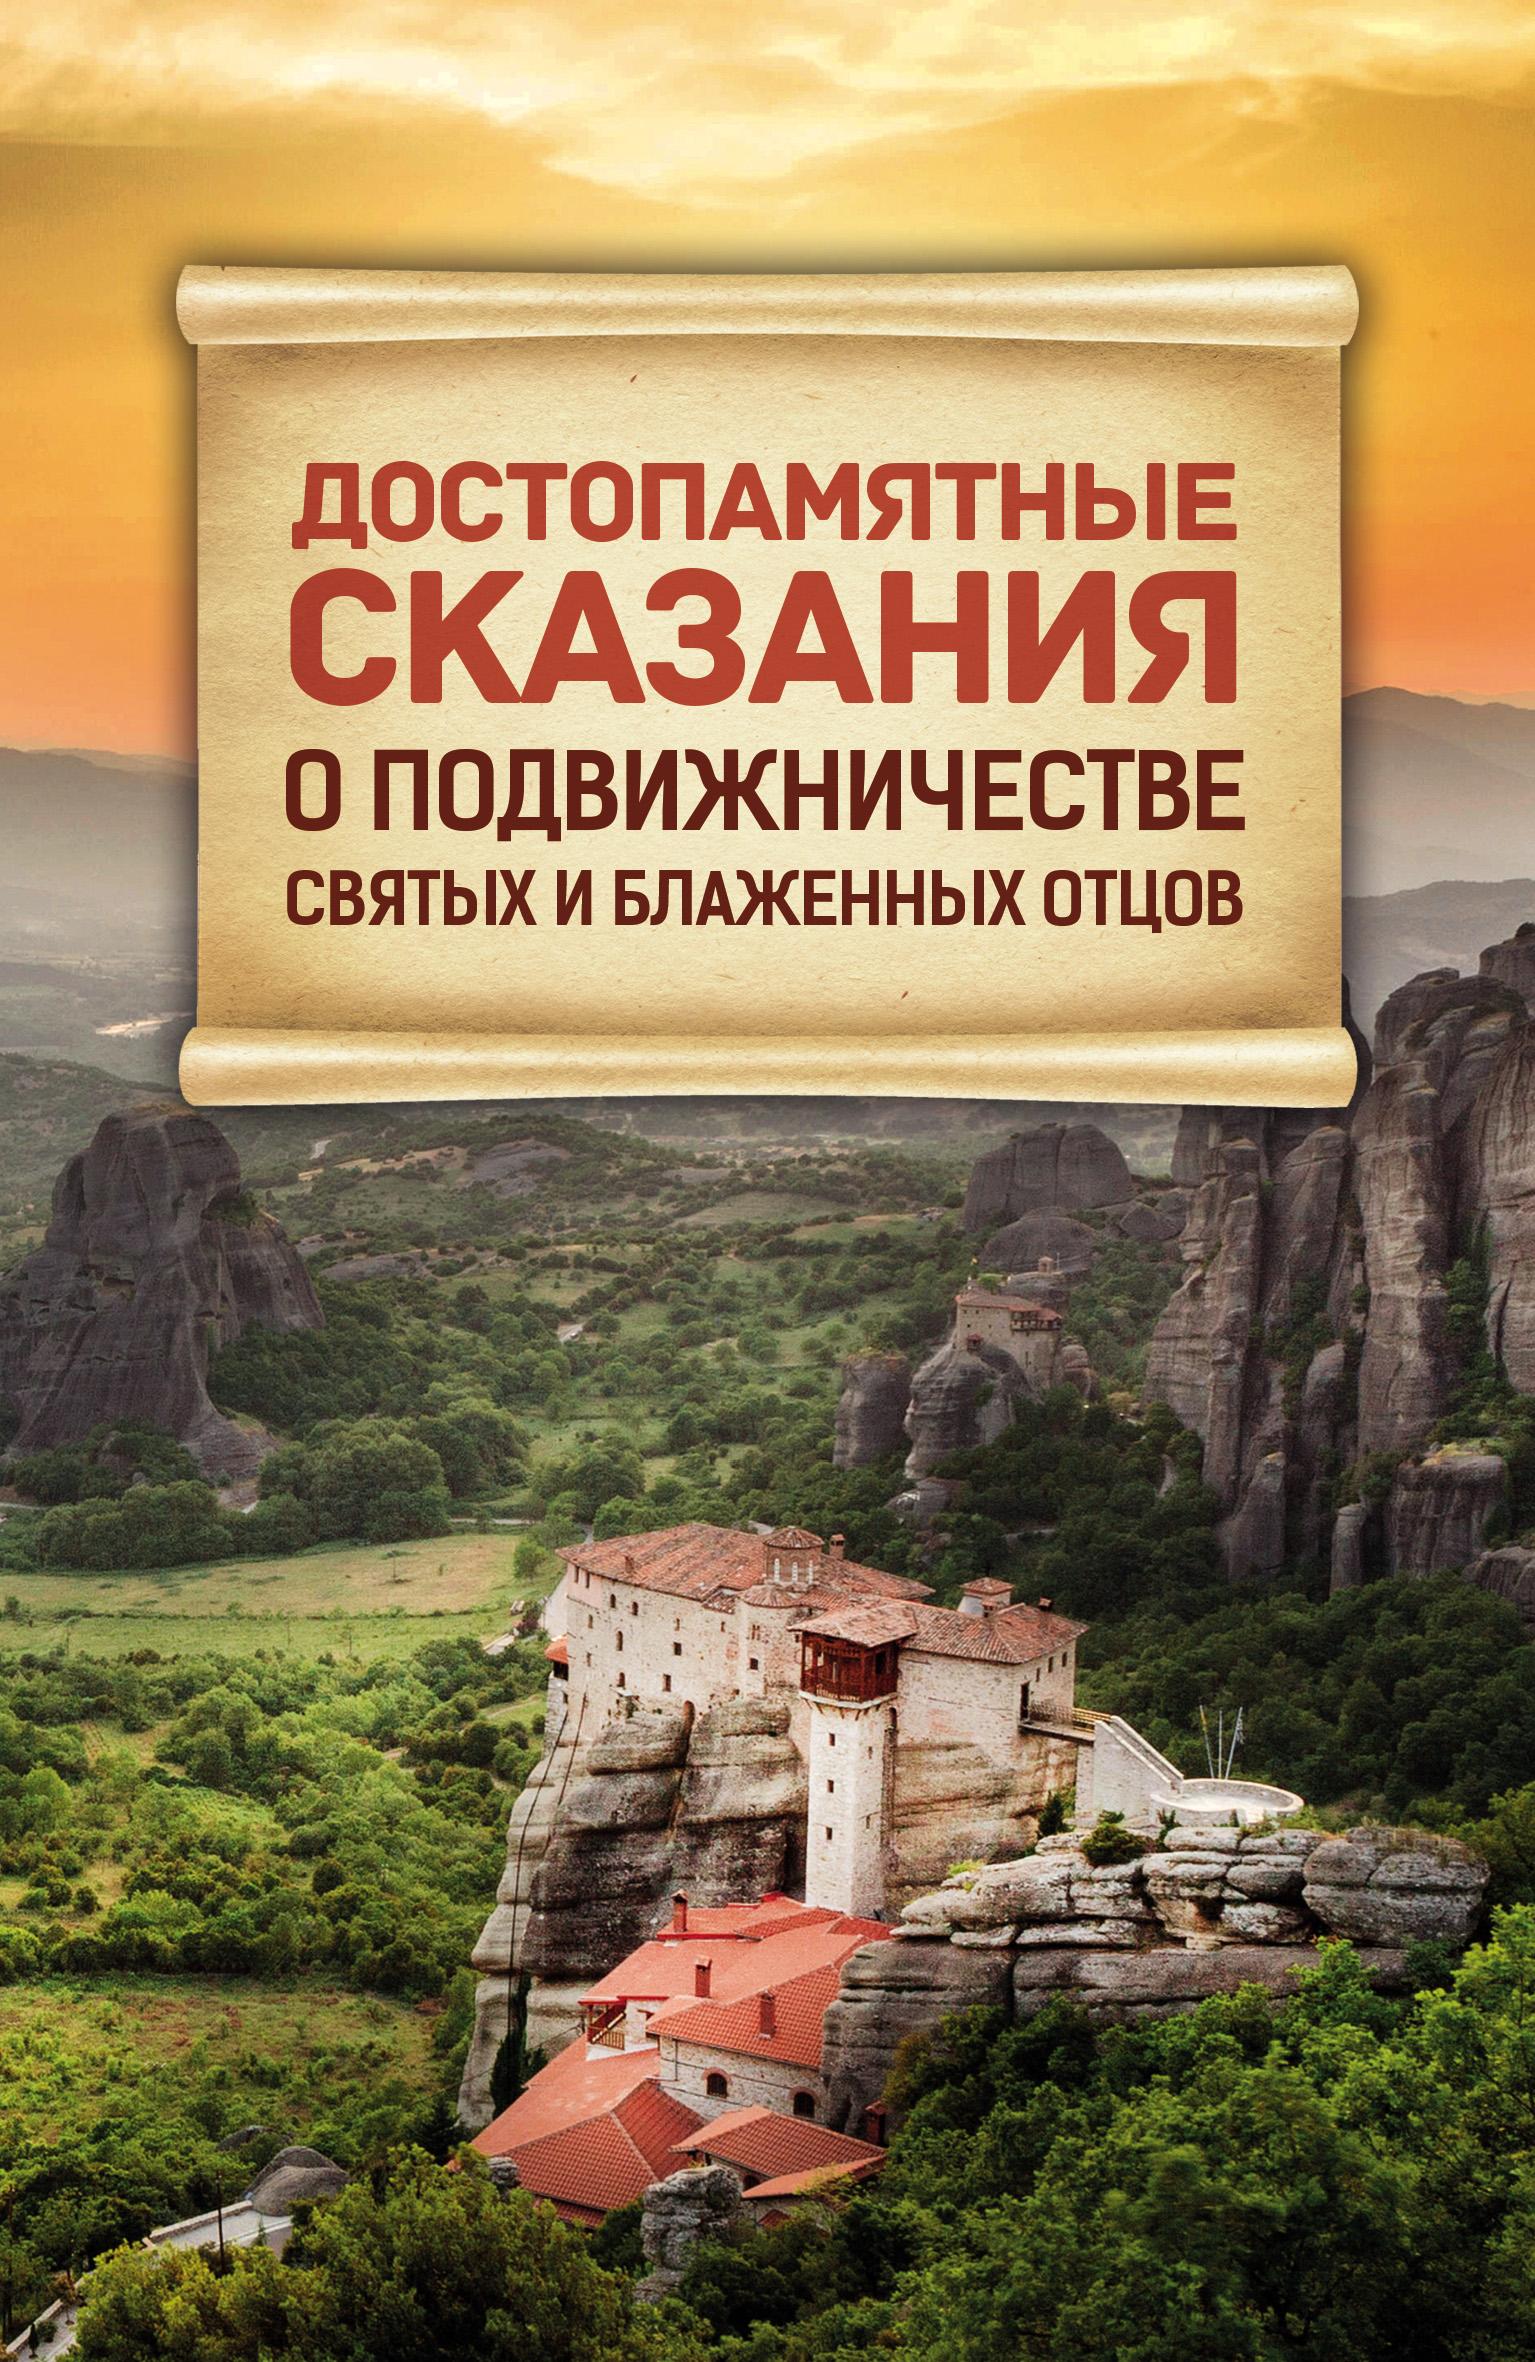 Сборник Достопамятные сказания о подвижничестве святых и блаженных отцов